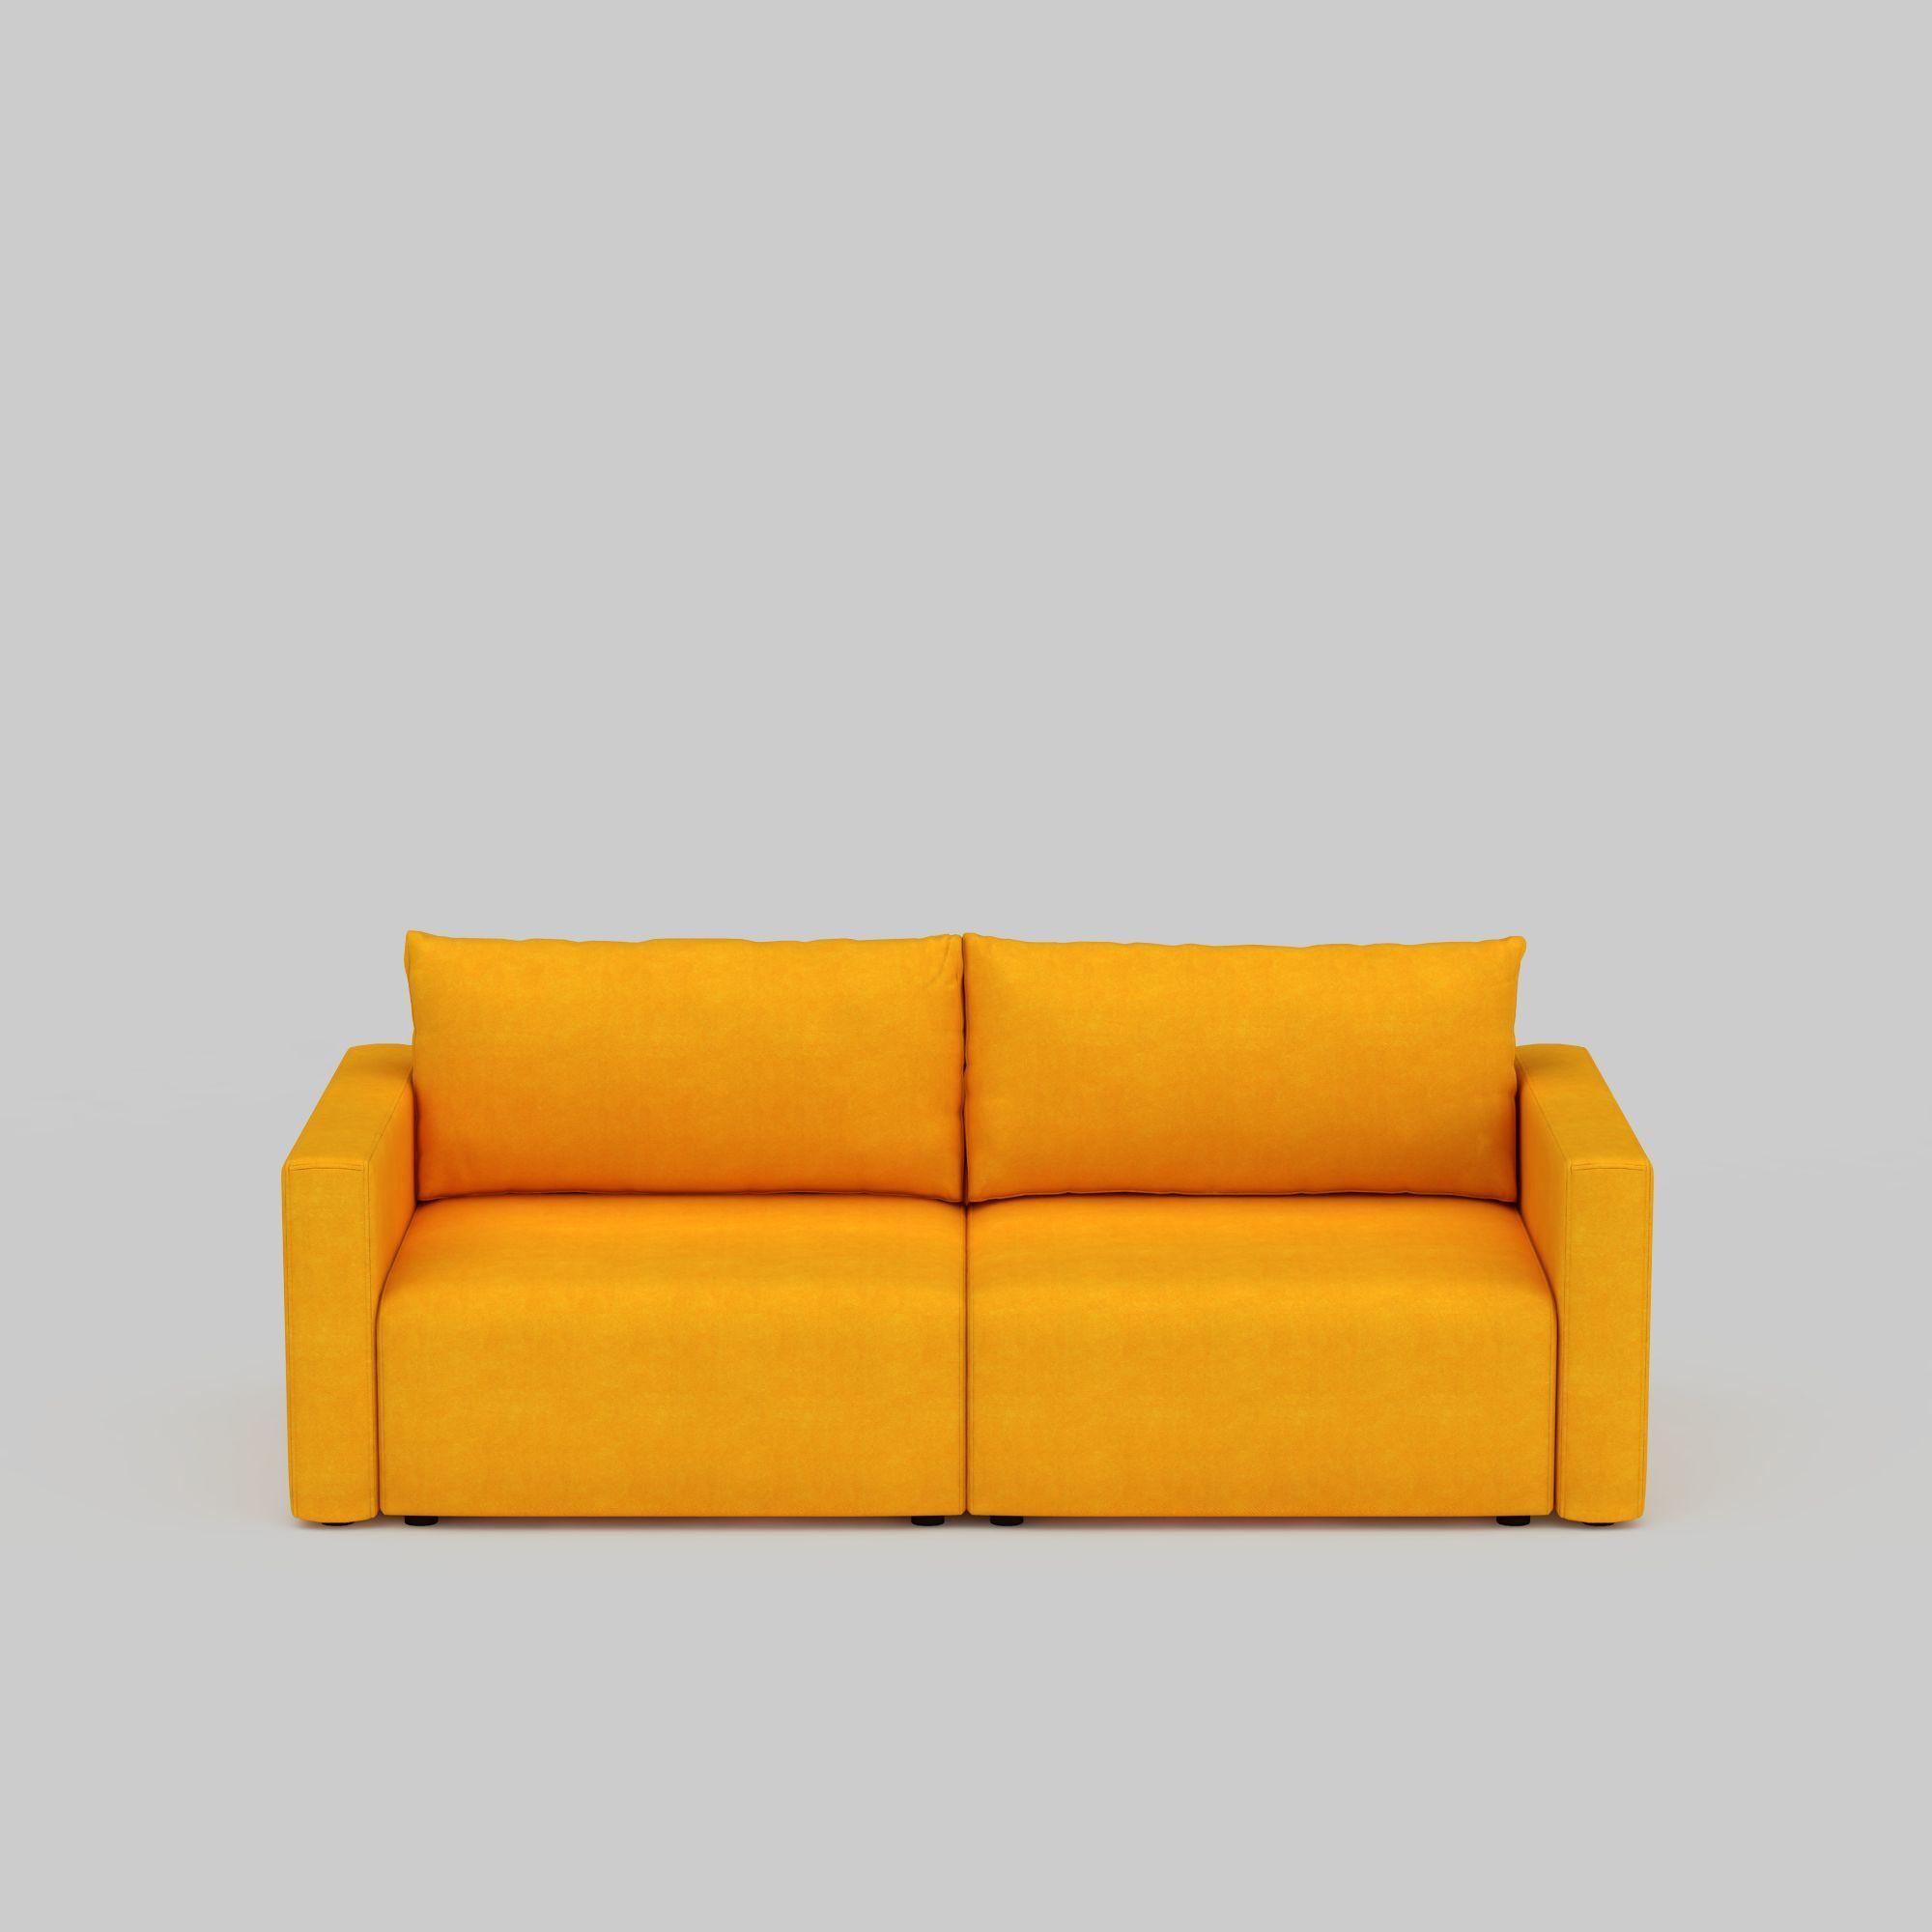 黄色双人沙发图片_黄色双人沙发png图片素材_黄色双人